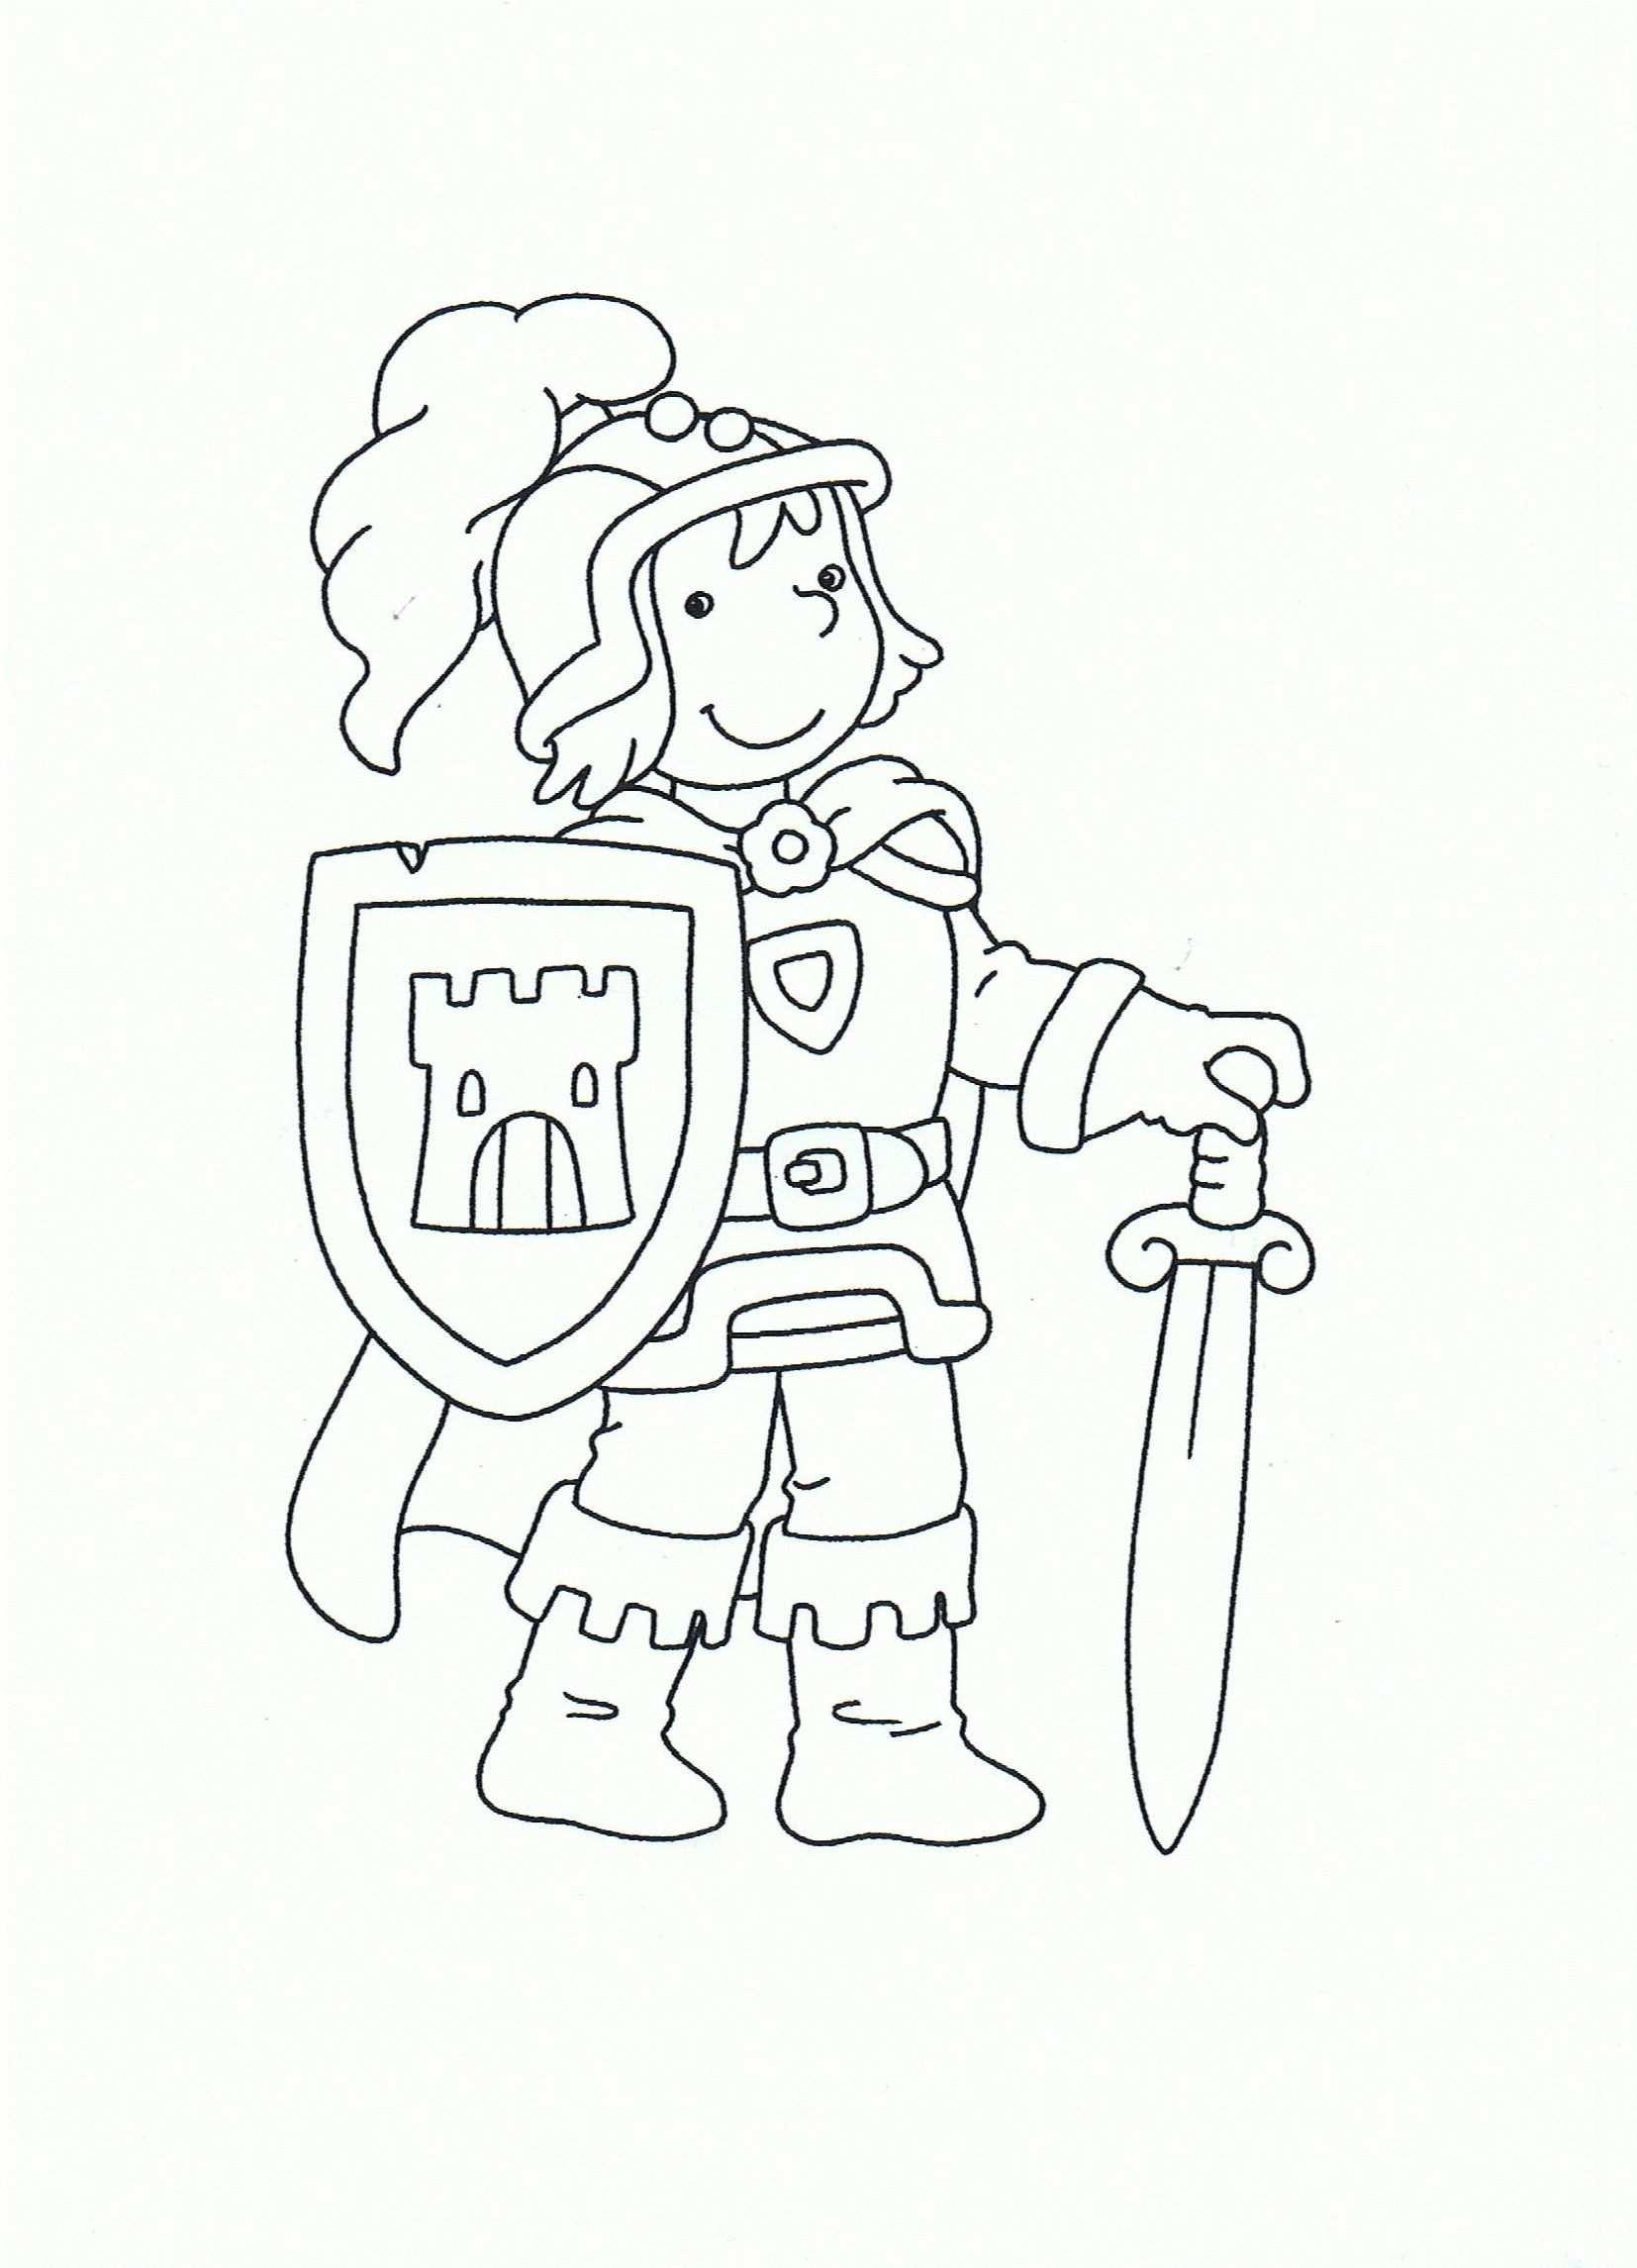 Pin Van Lilian Habraken Op Ridderfeest Ridders Prinses Kasteel